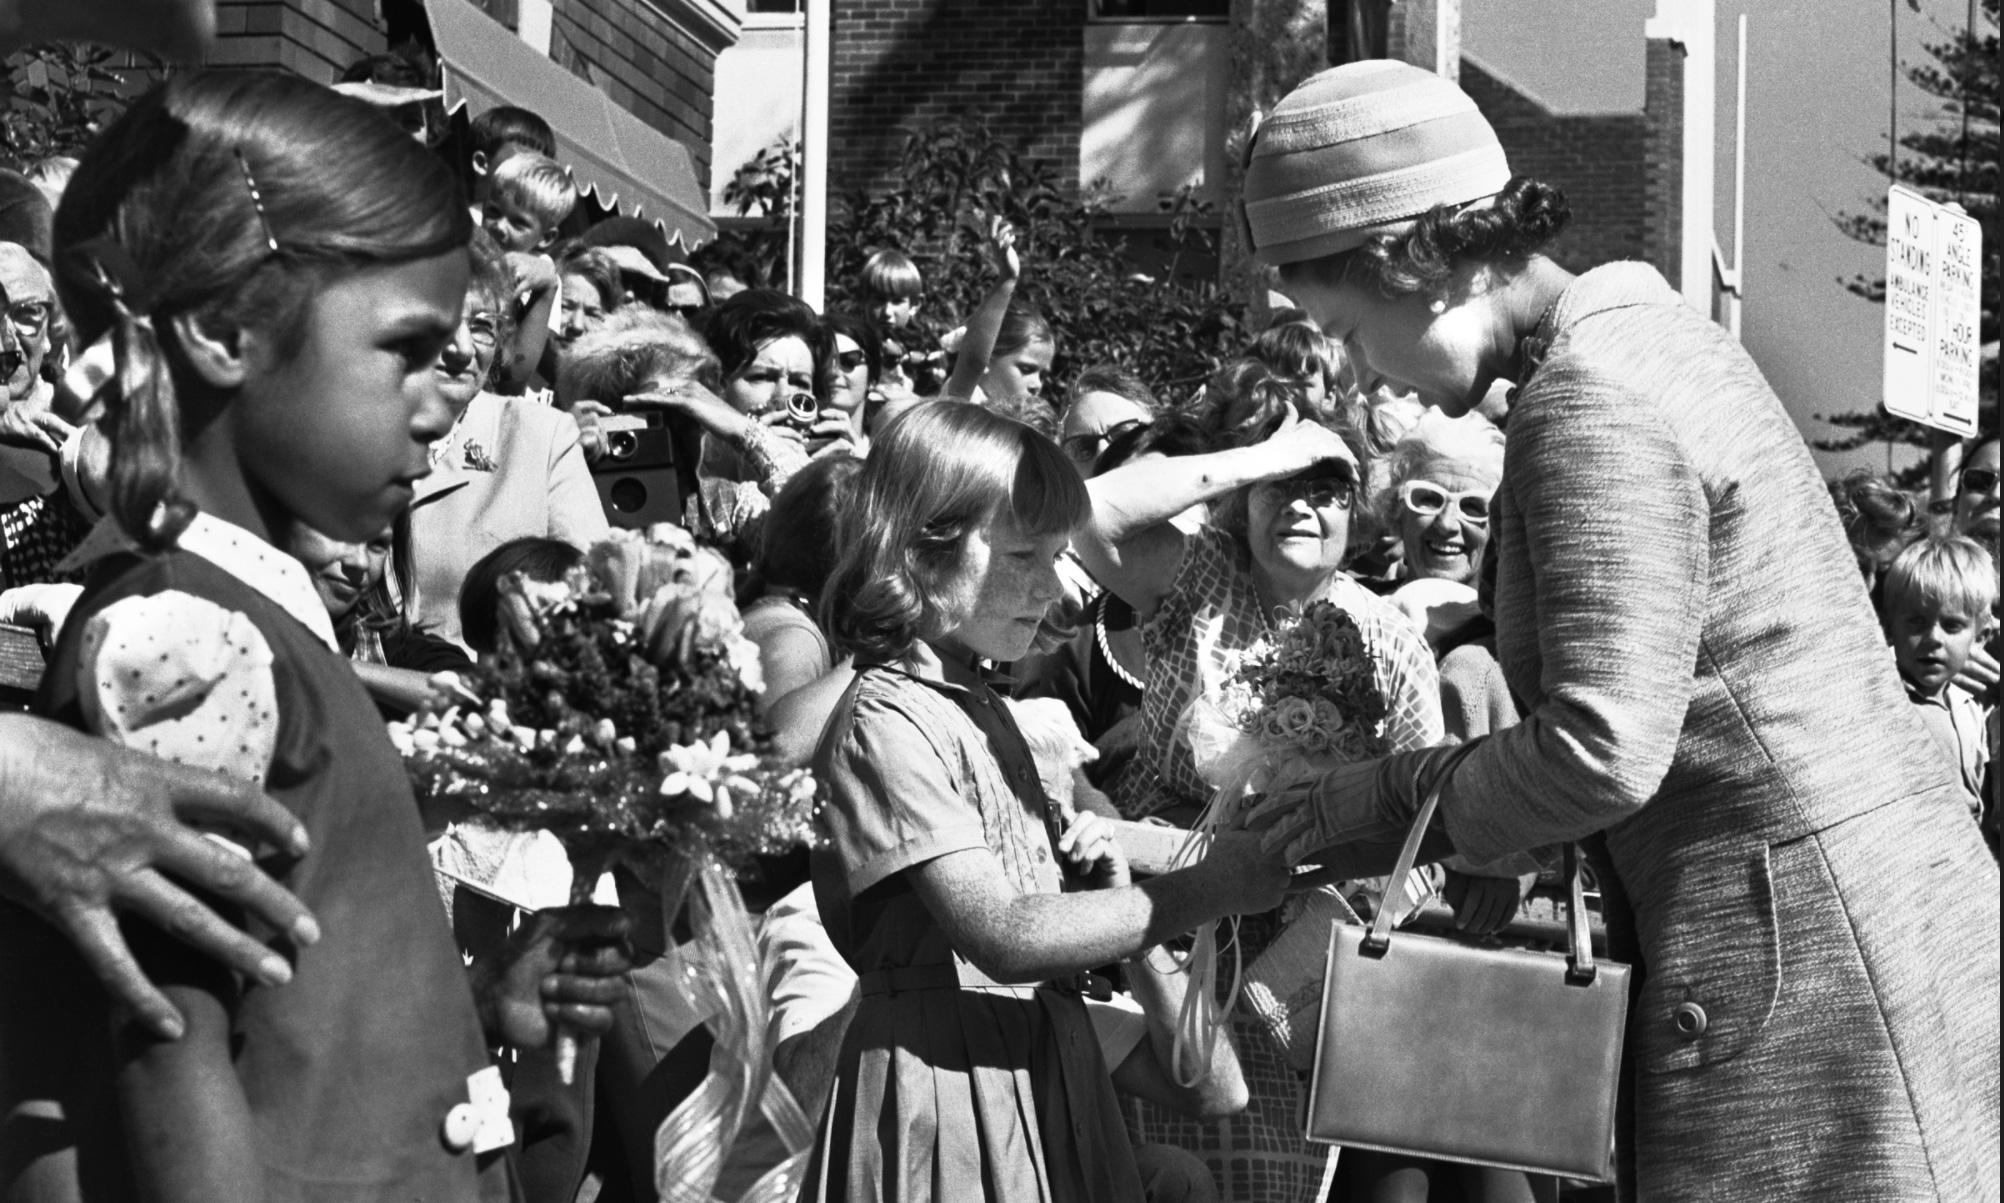 1970 - Queen Elizabeth